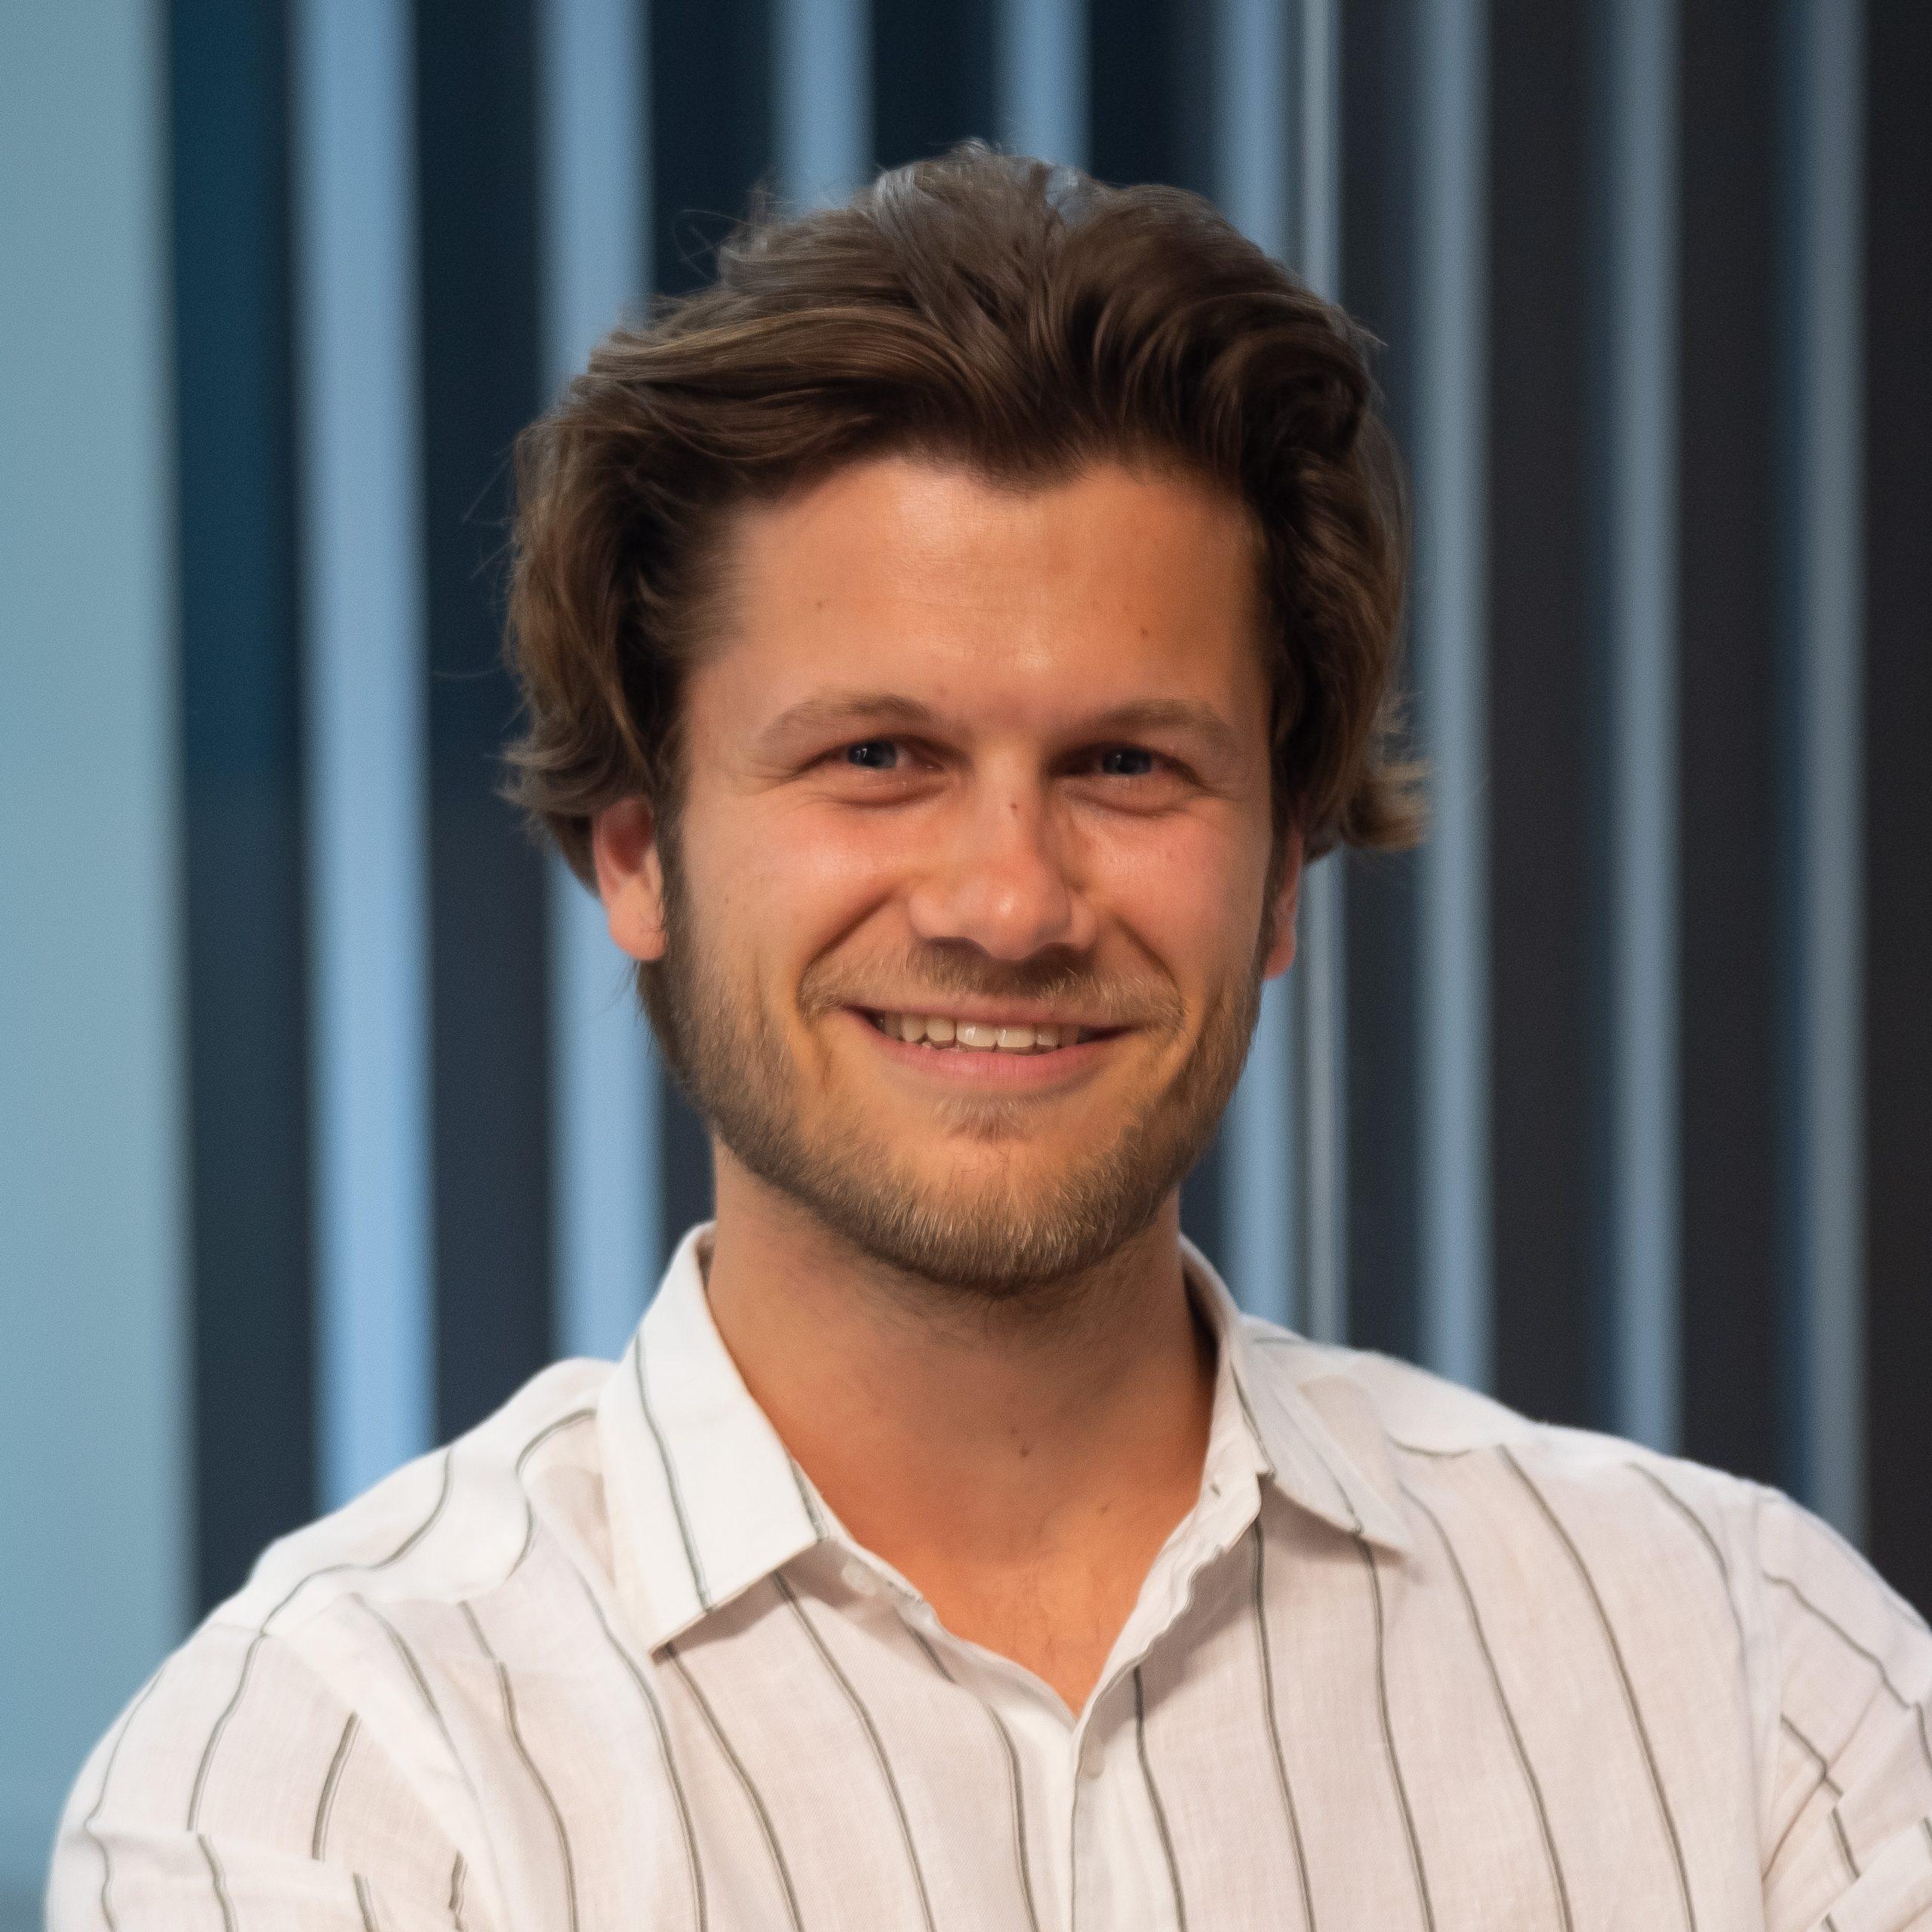 Thomas Van Duuren